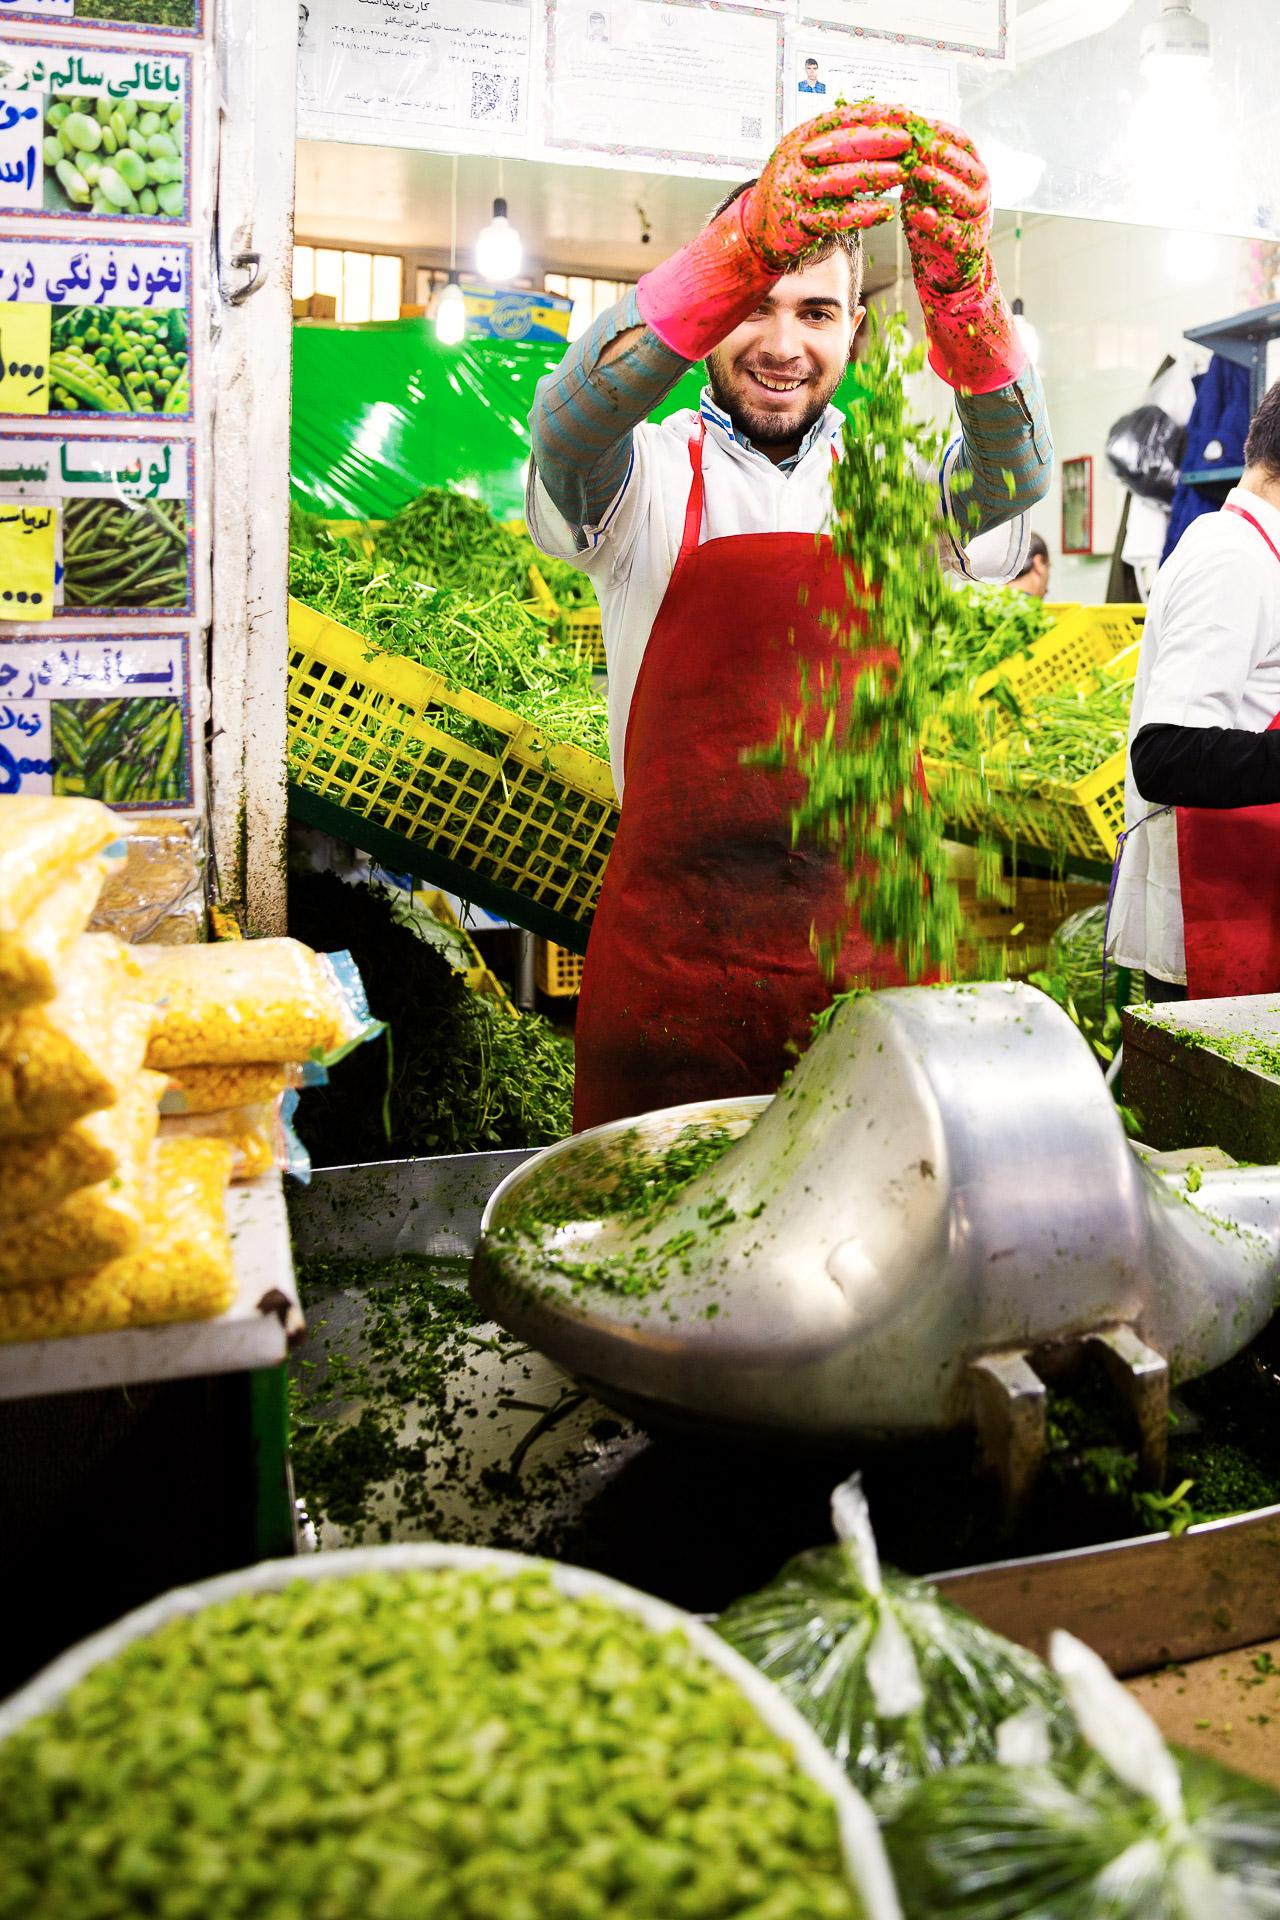 Die FOTOFÜCHSE Wunschorte. Die kulinarische Reise in den Iran verlängern und sich auf den vielen Märkten von einem Stand zum nächsten kosten.